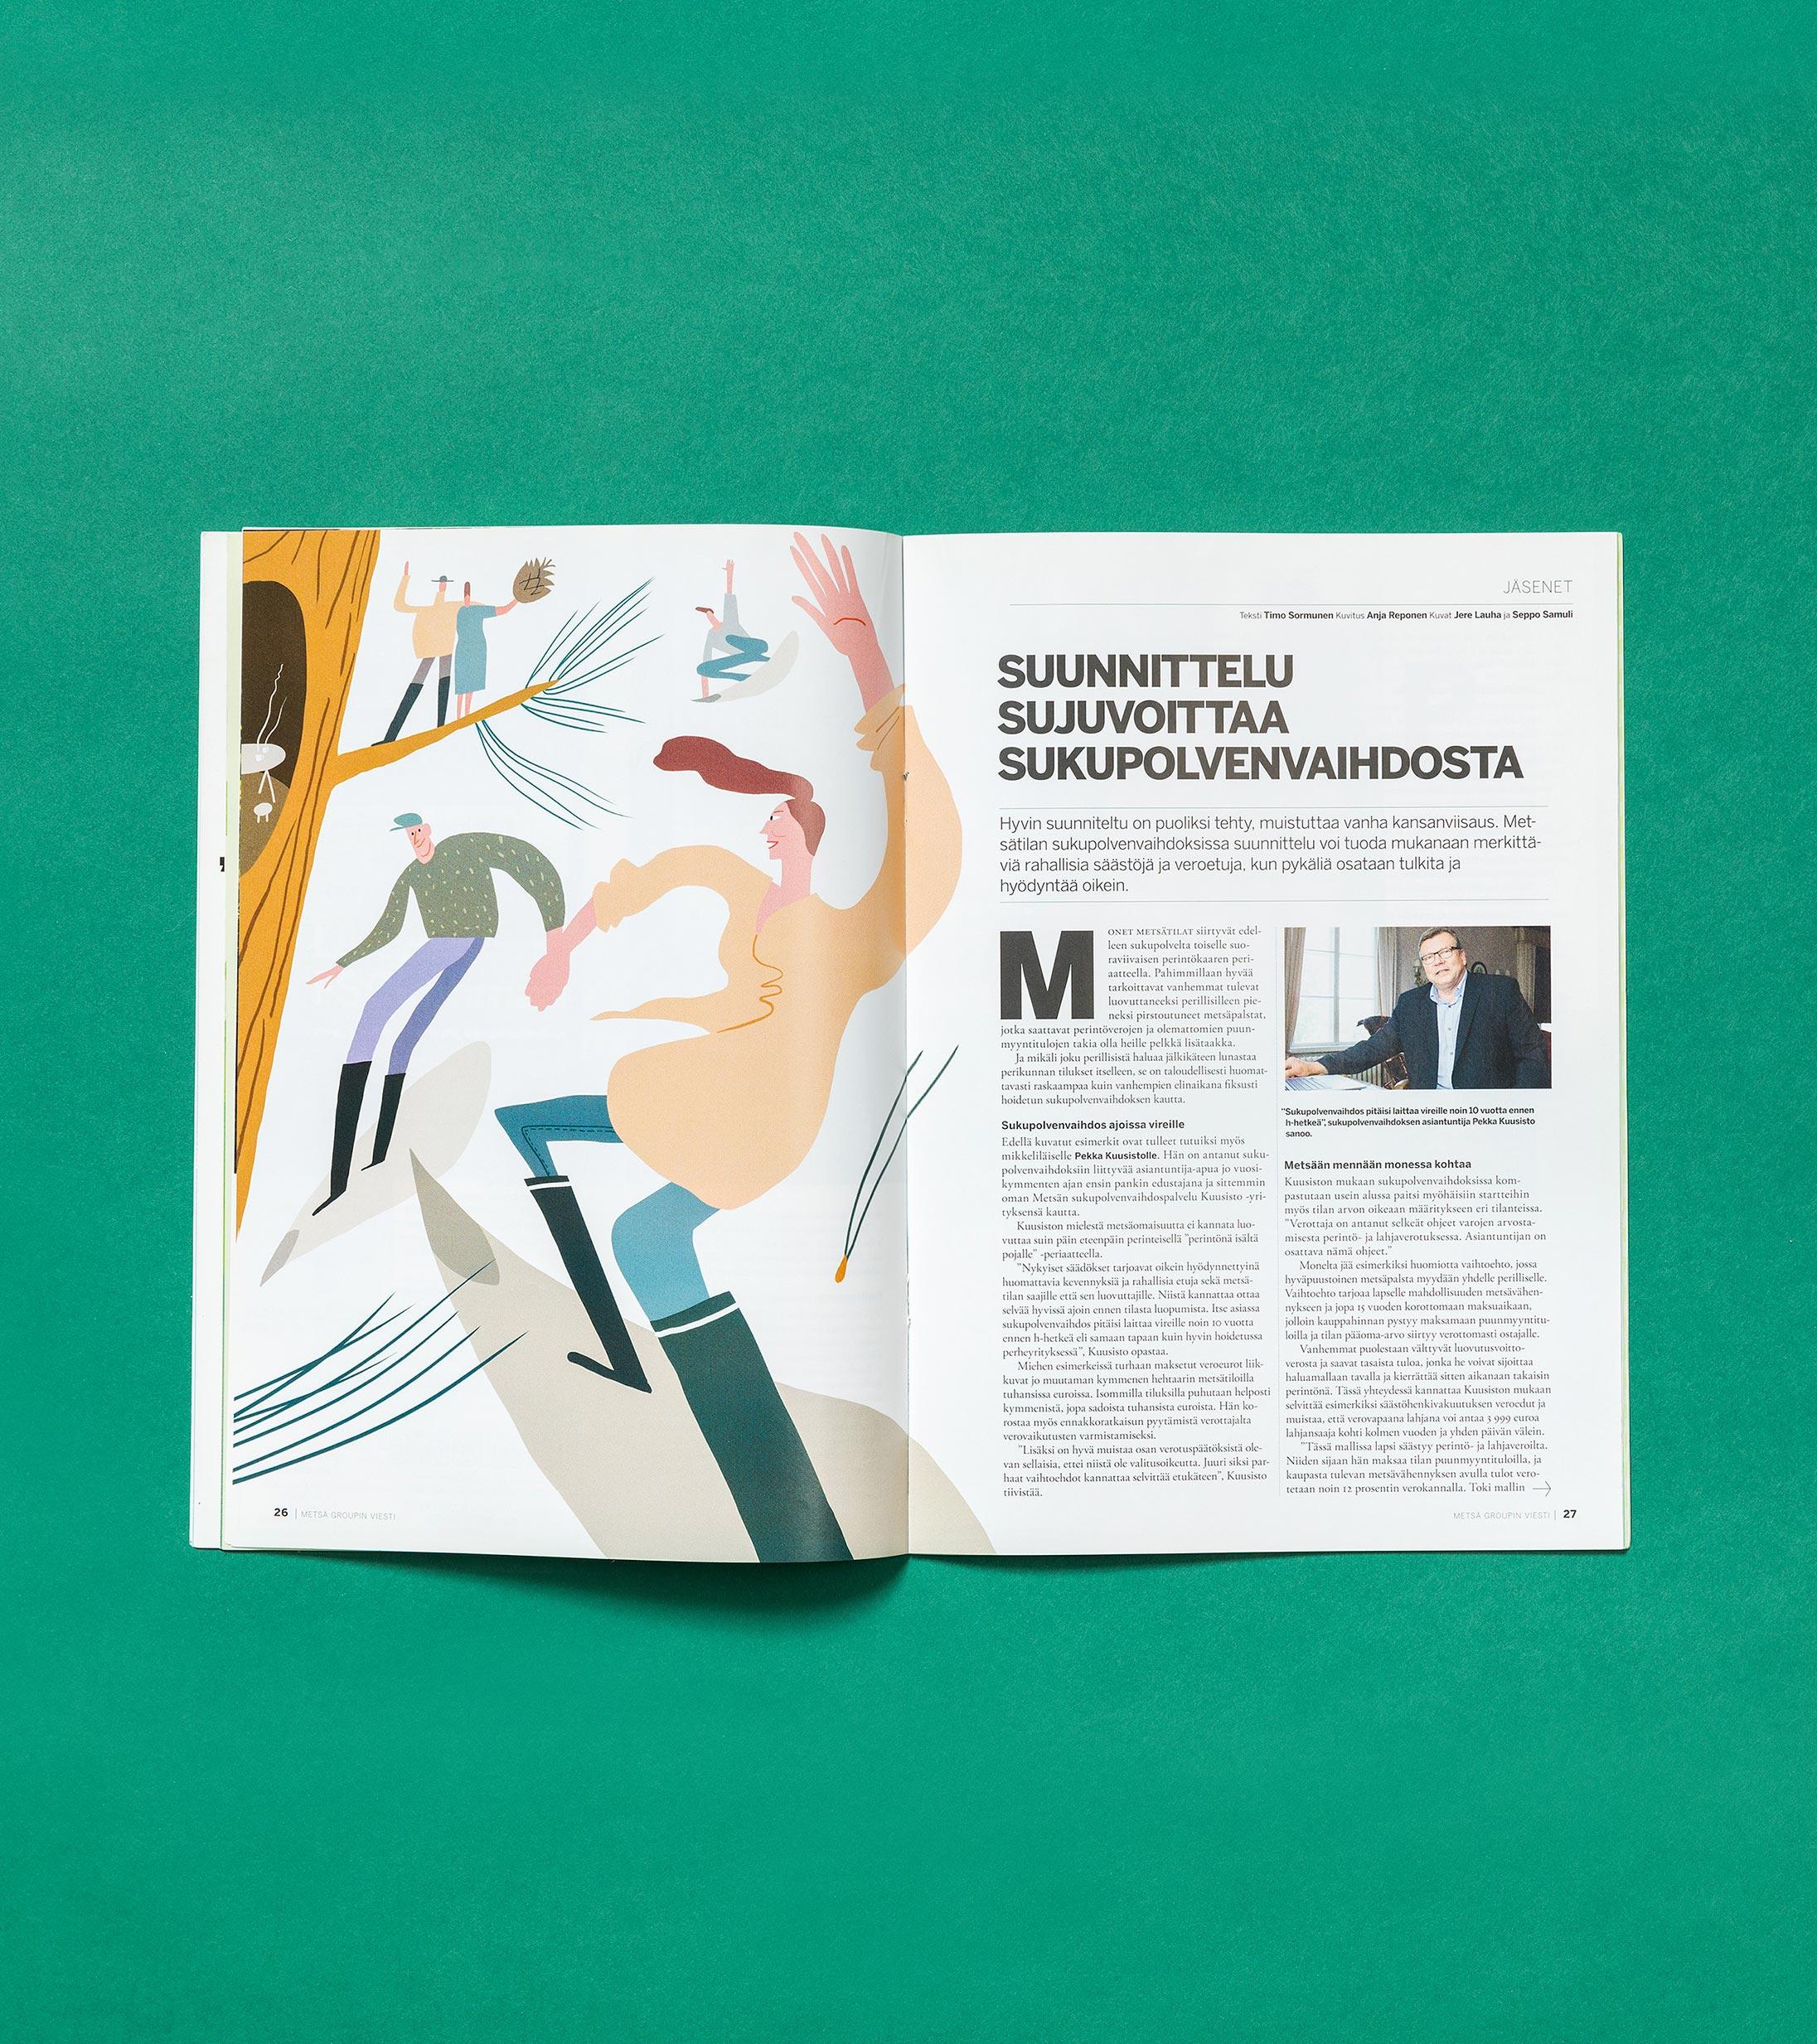 Viestin ulkonäöllinen lehtiuudistus on tuonut sen sivuille ajankohtaisen tyylisiä kuvituksia.